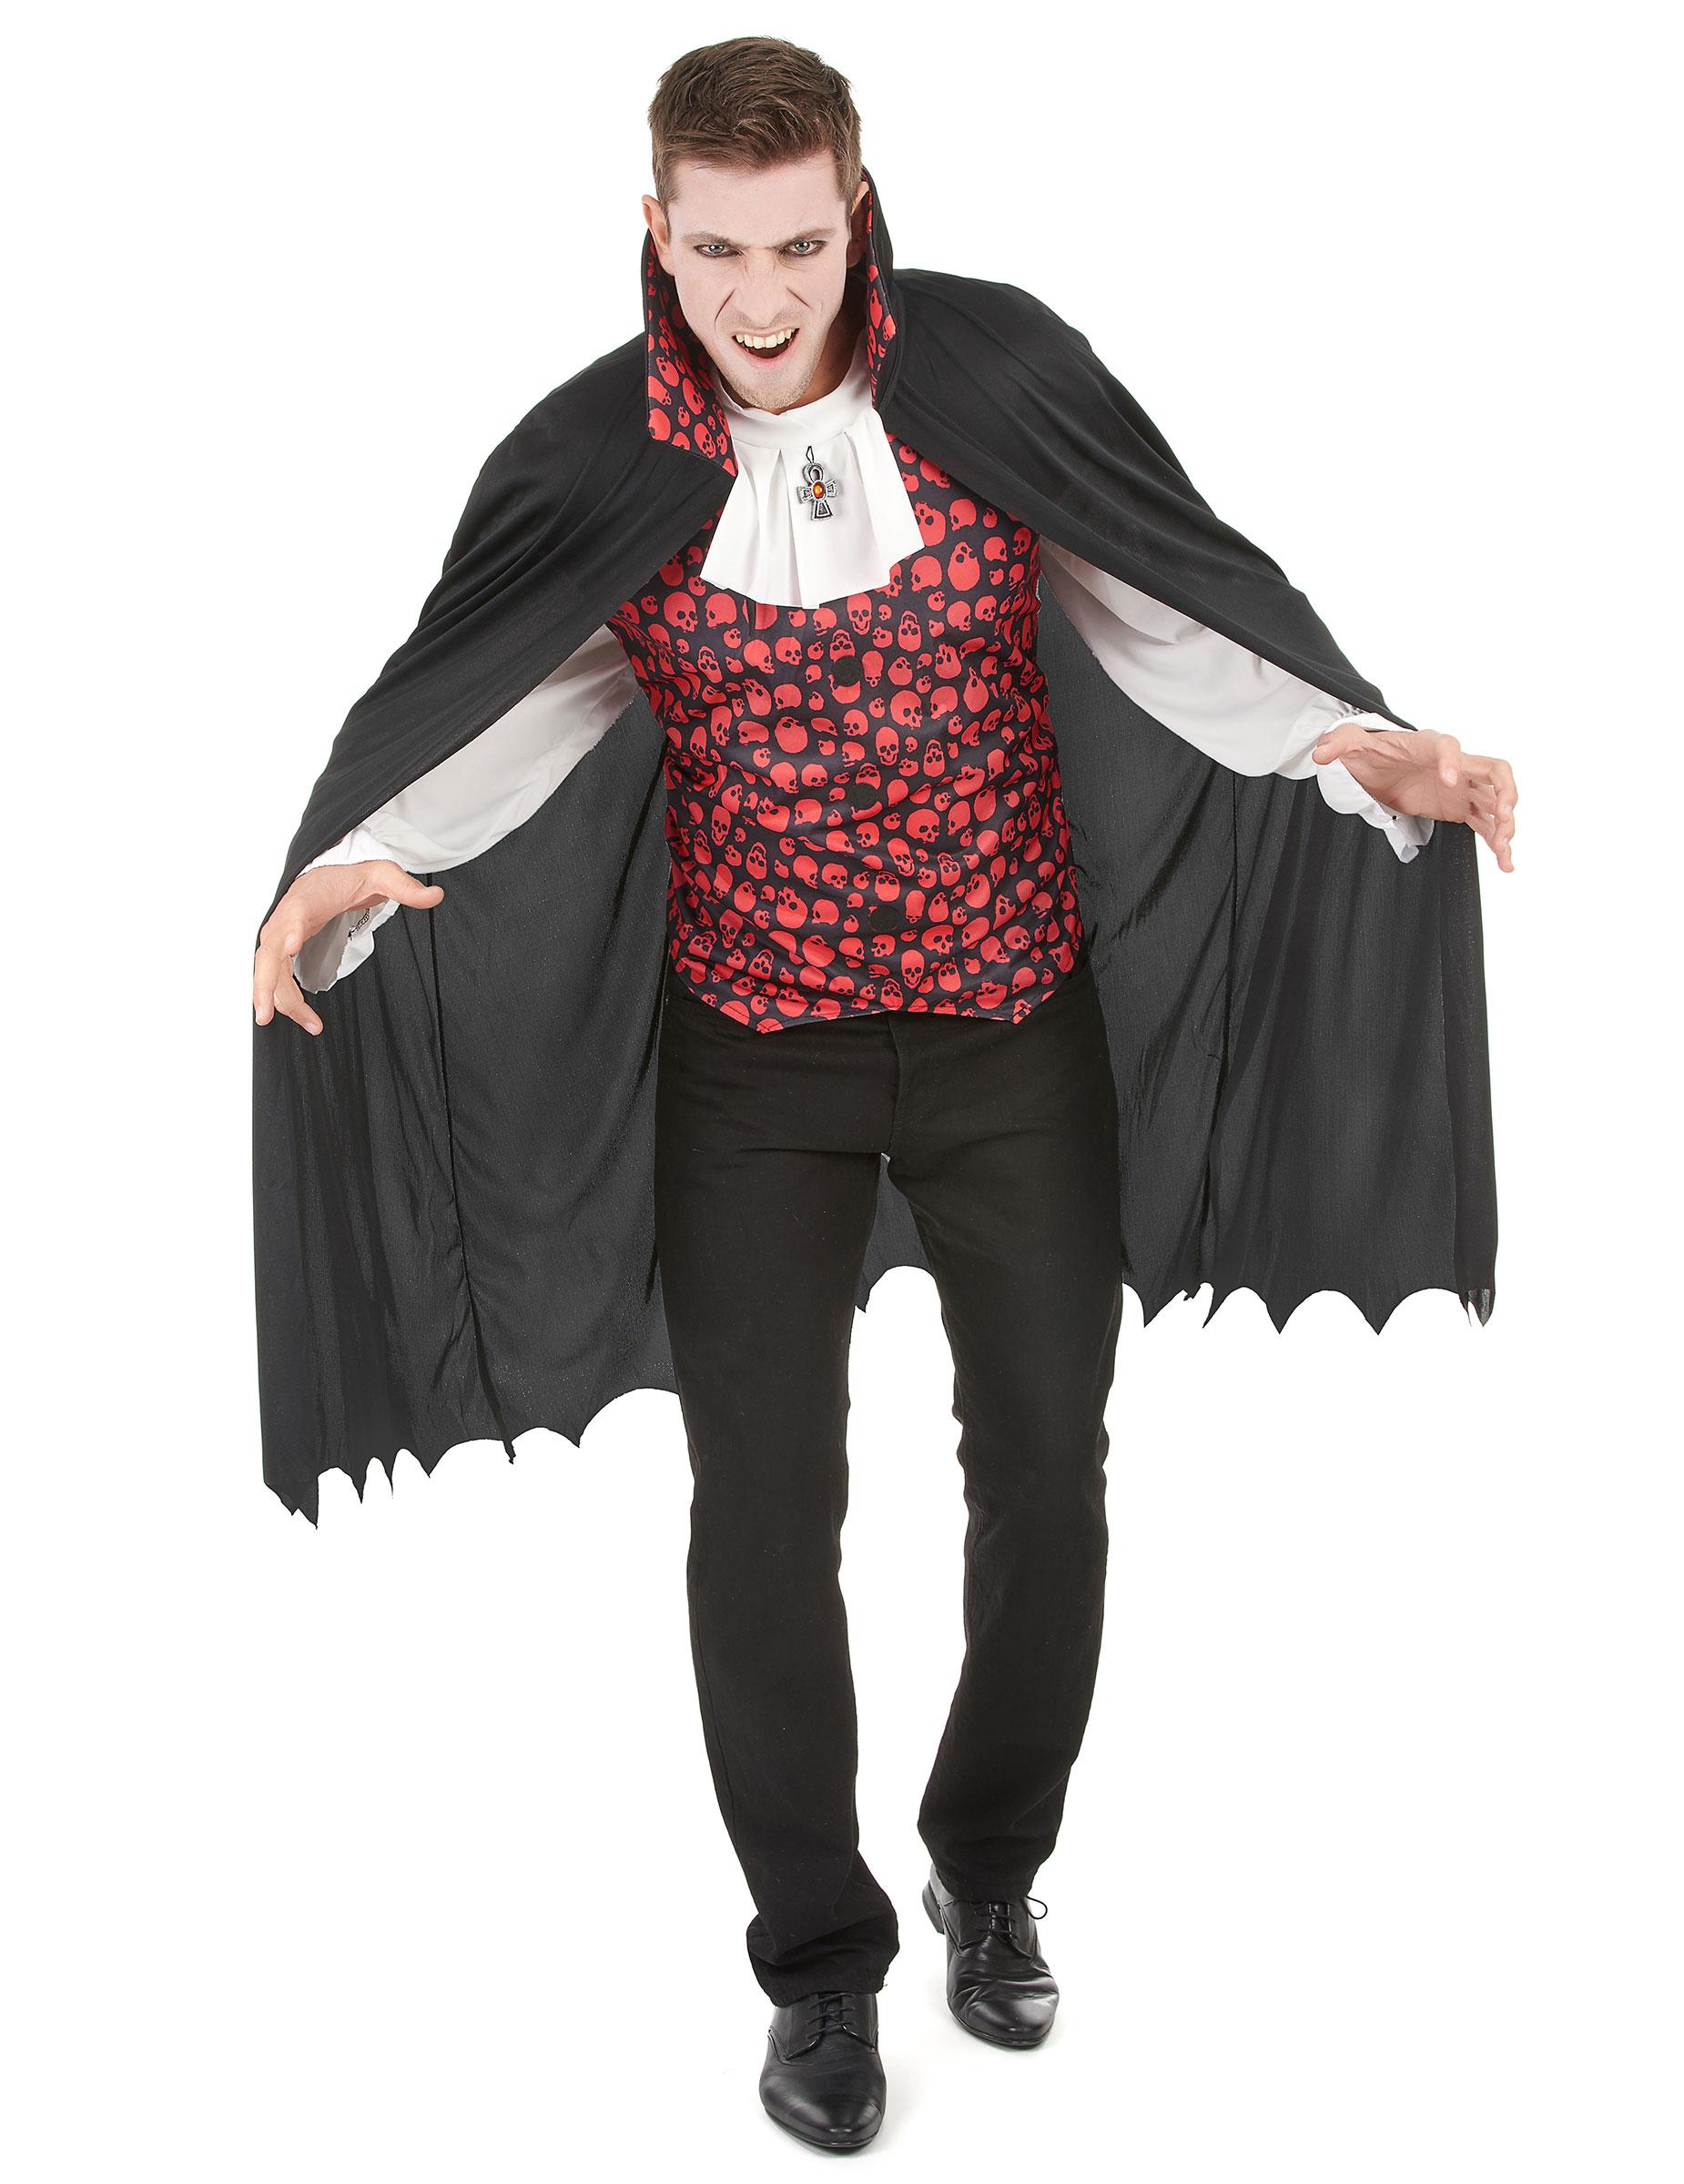 Vampyrdräkt med snygg väst - Halloweenkostymer för vuxen 66173592e6e2f